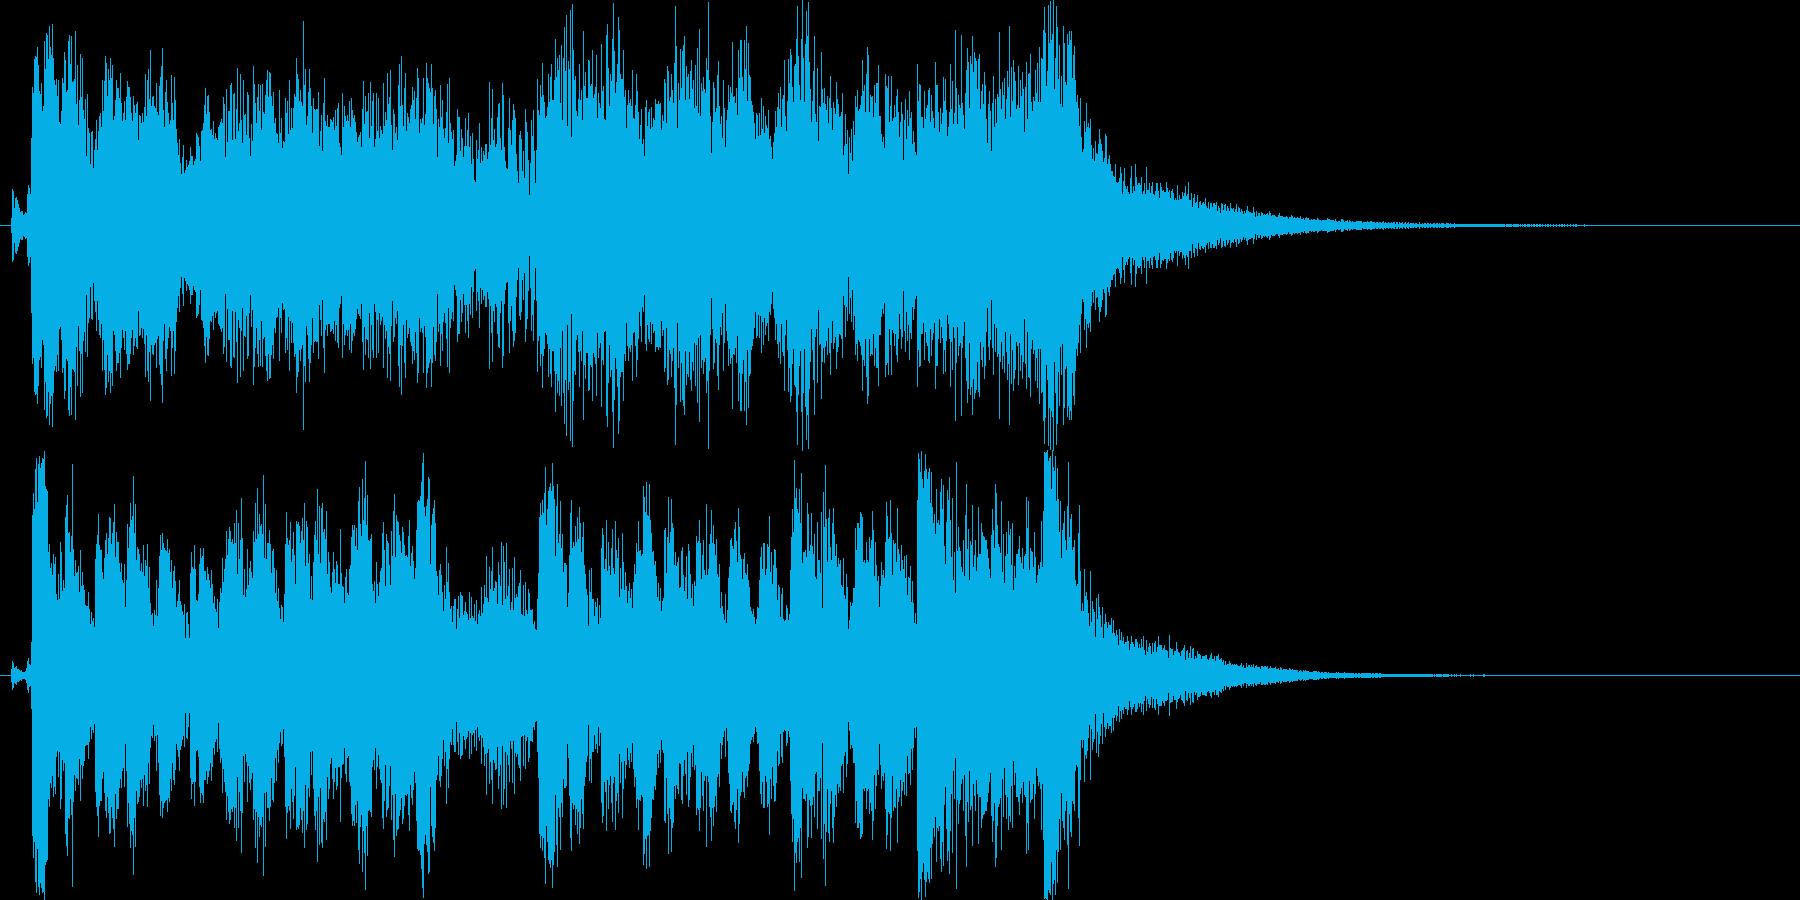 ハッピーコミカル軽快なオーケストラロゴ♪の再生済みの波形